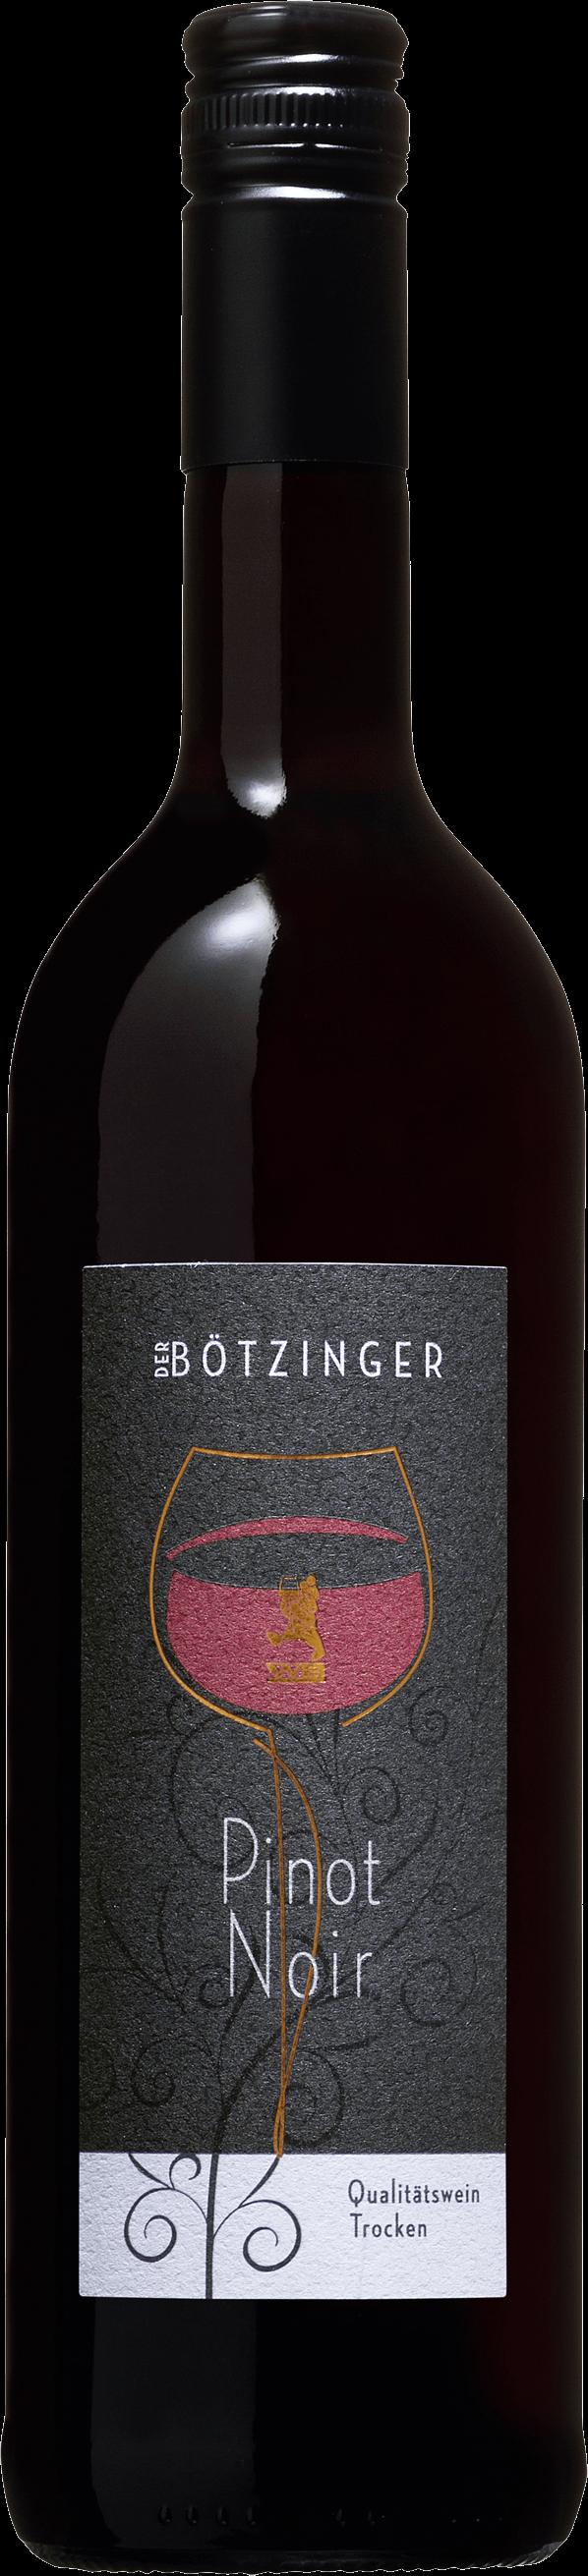 Pinot Noir Qualitätswein trocken